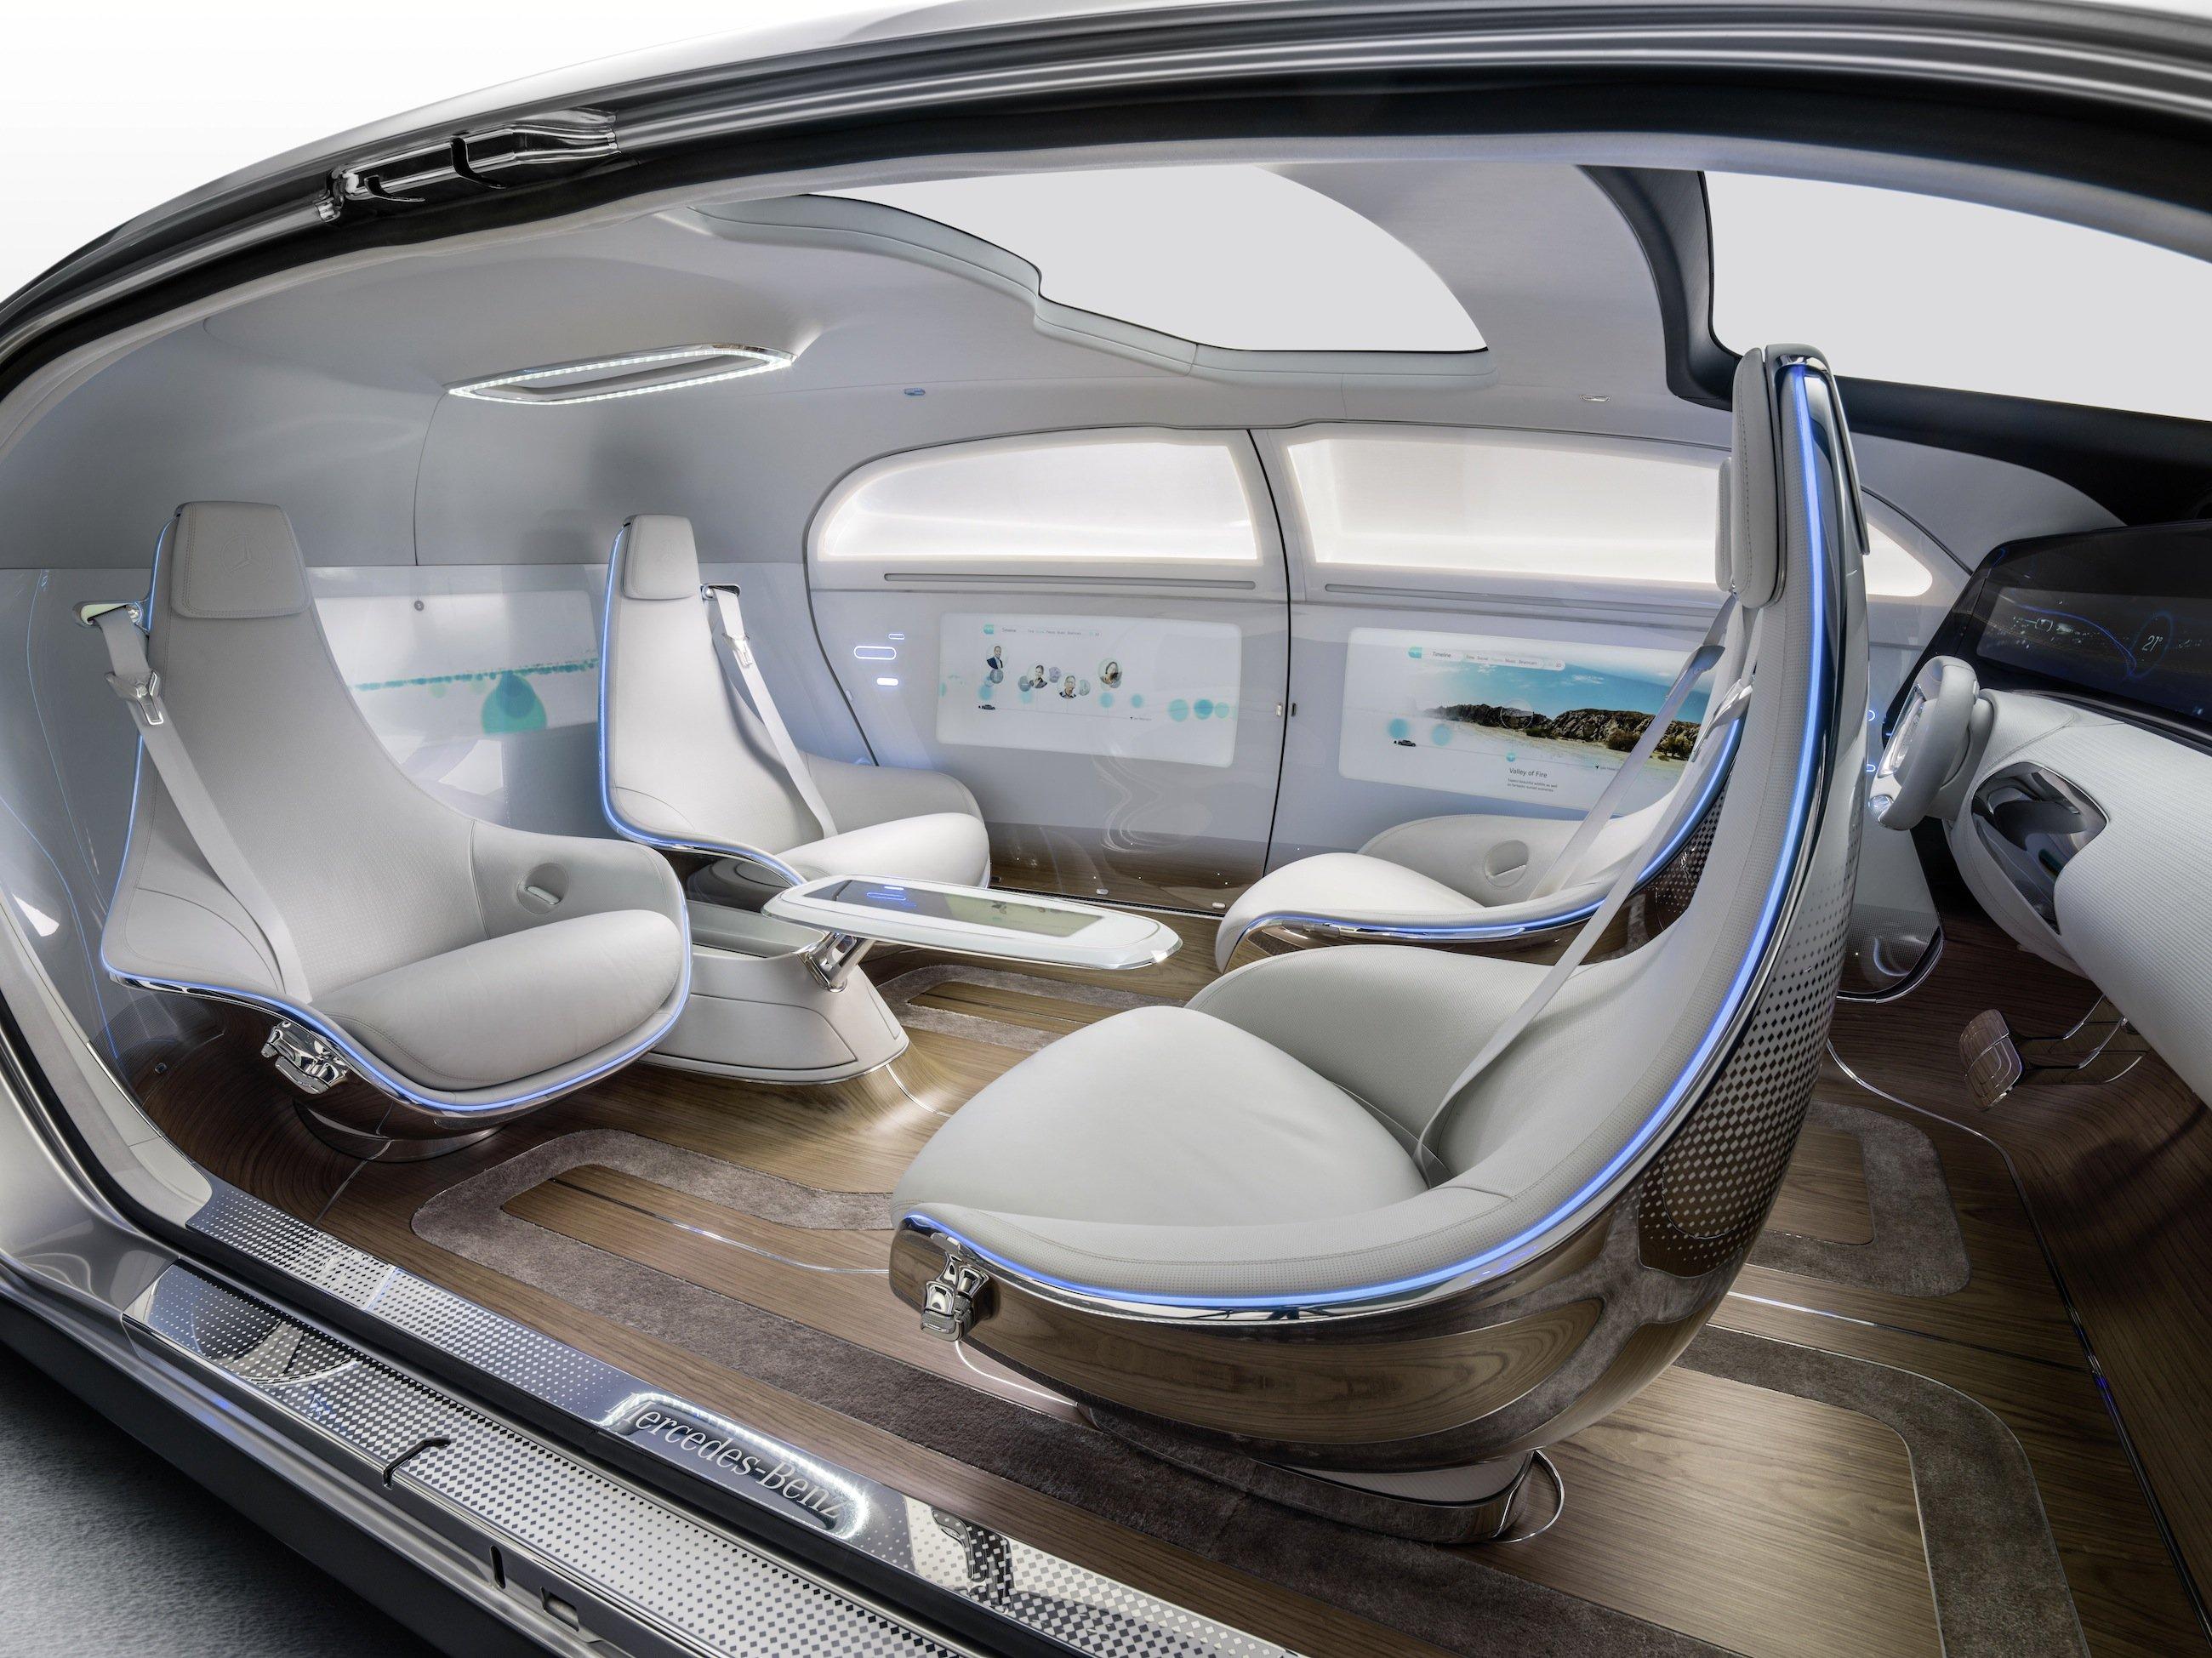 DerInnenraum des F 015 ist mit drehbaren Clubsesseln und sechs Displays ausgestattet und gleicht mehr einer Lounge als einer Fahrgastzelle.